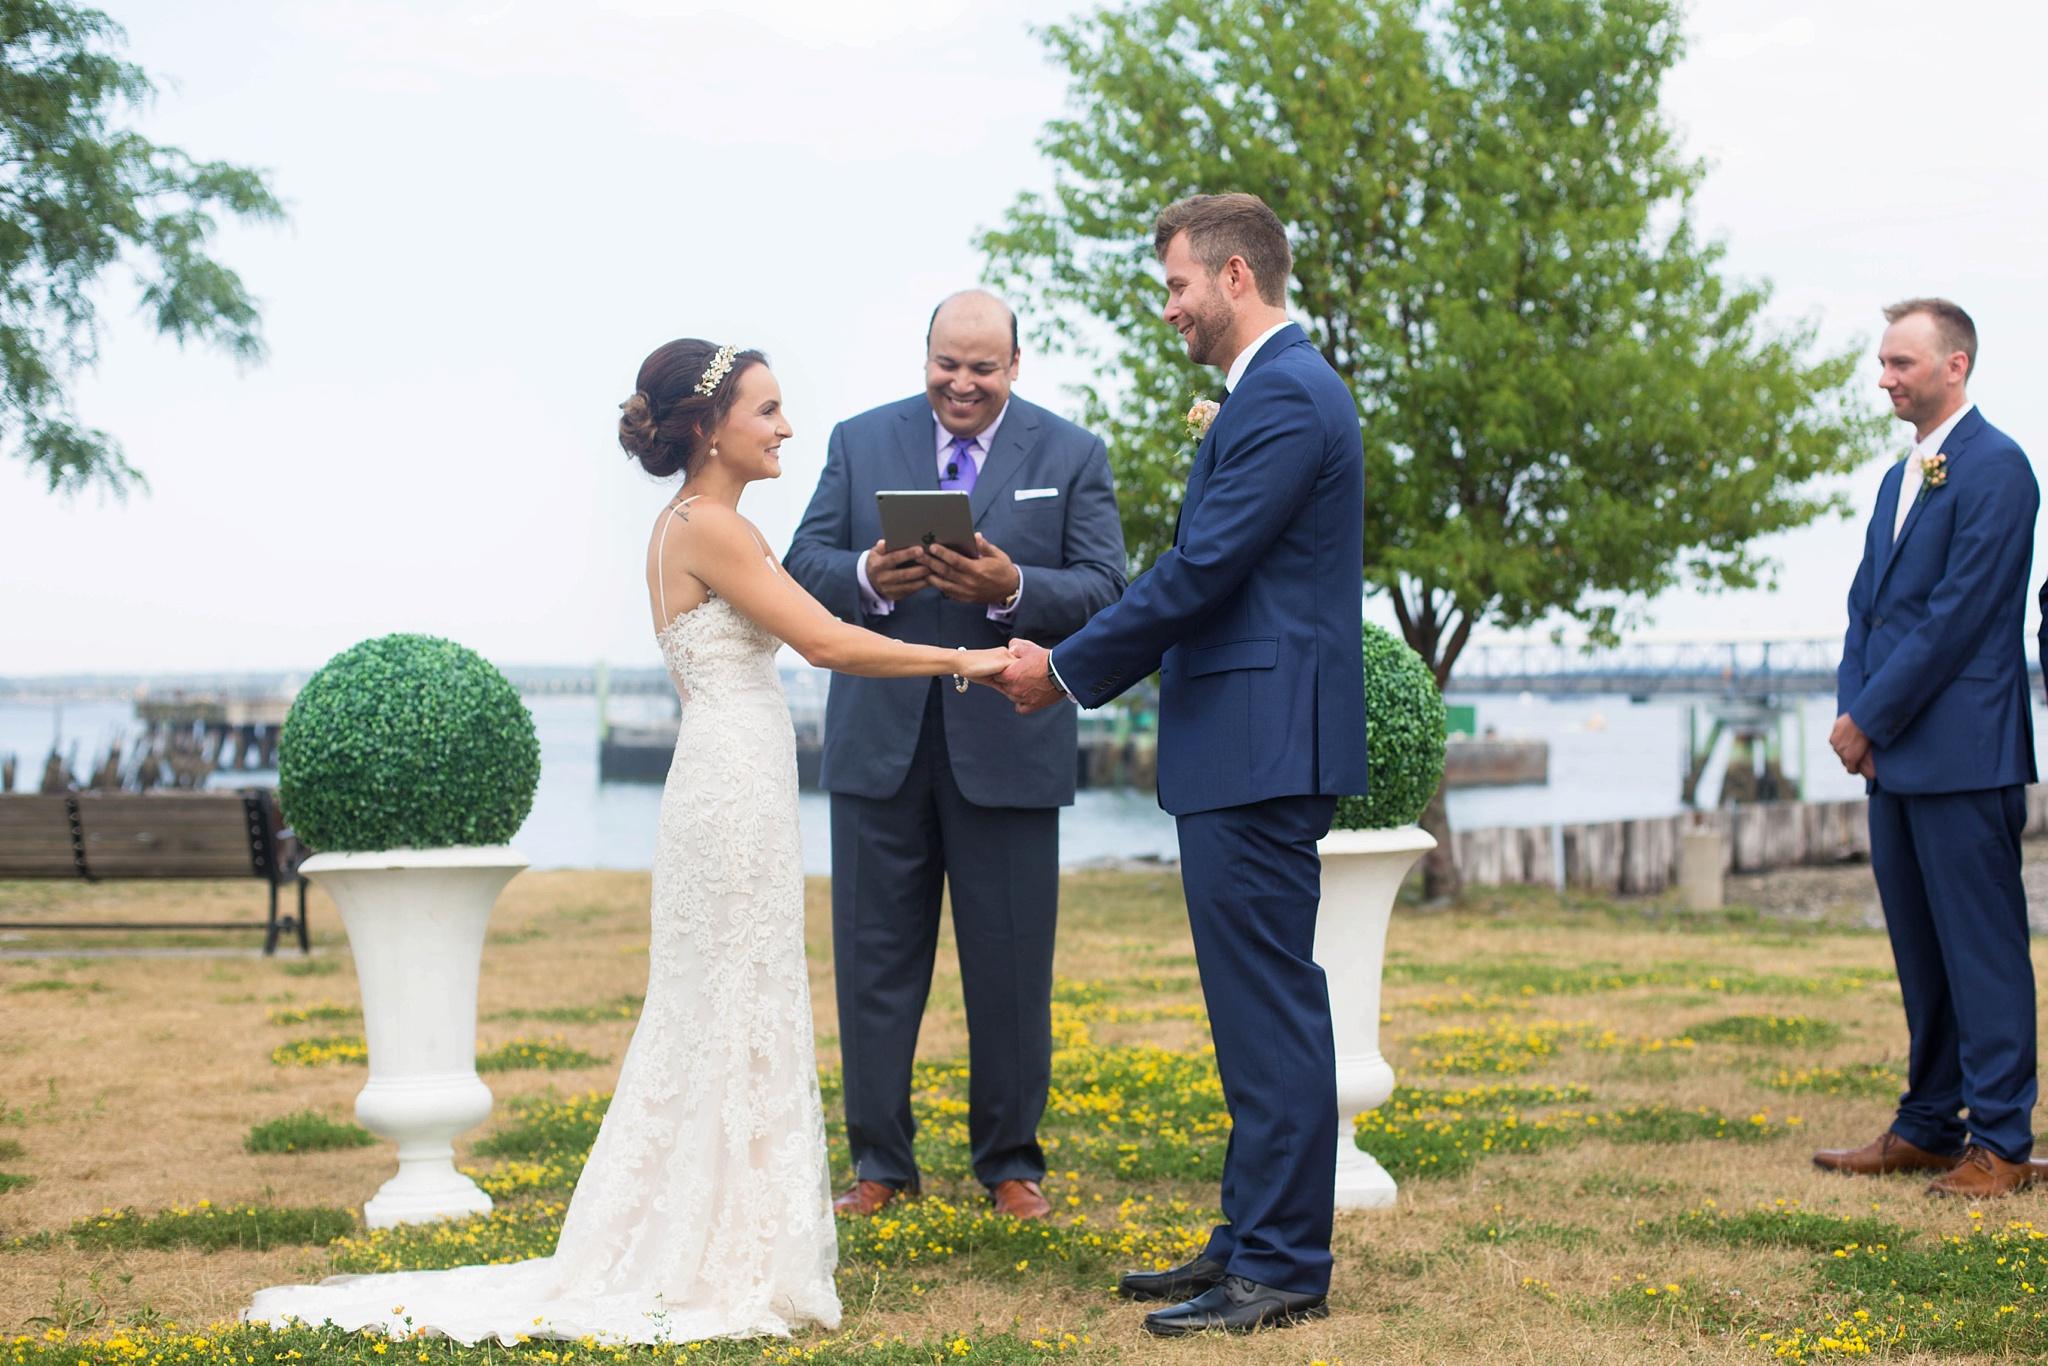 Portland Outdoor Wedding Ceremony